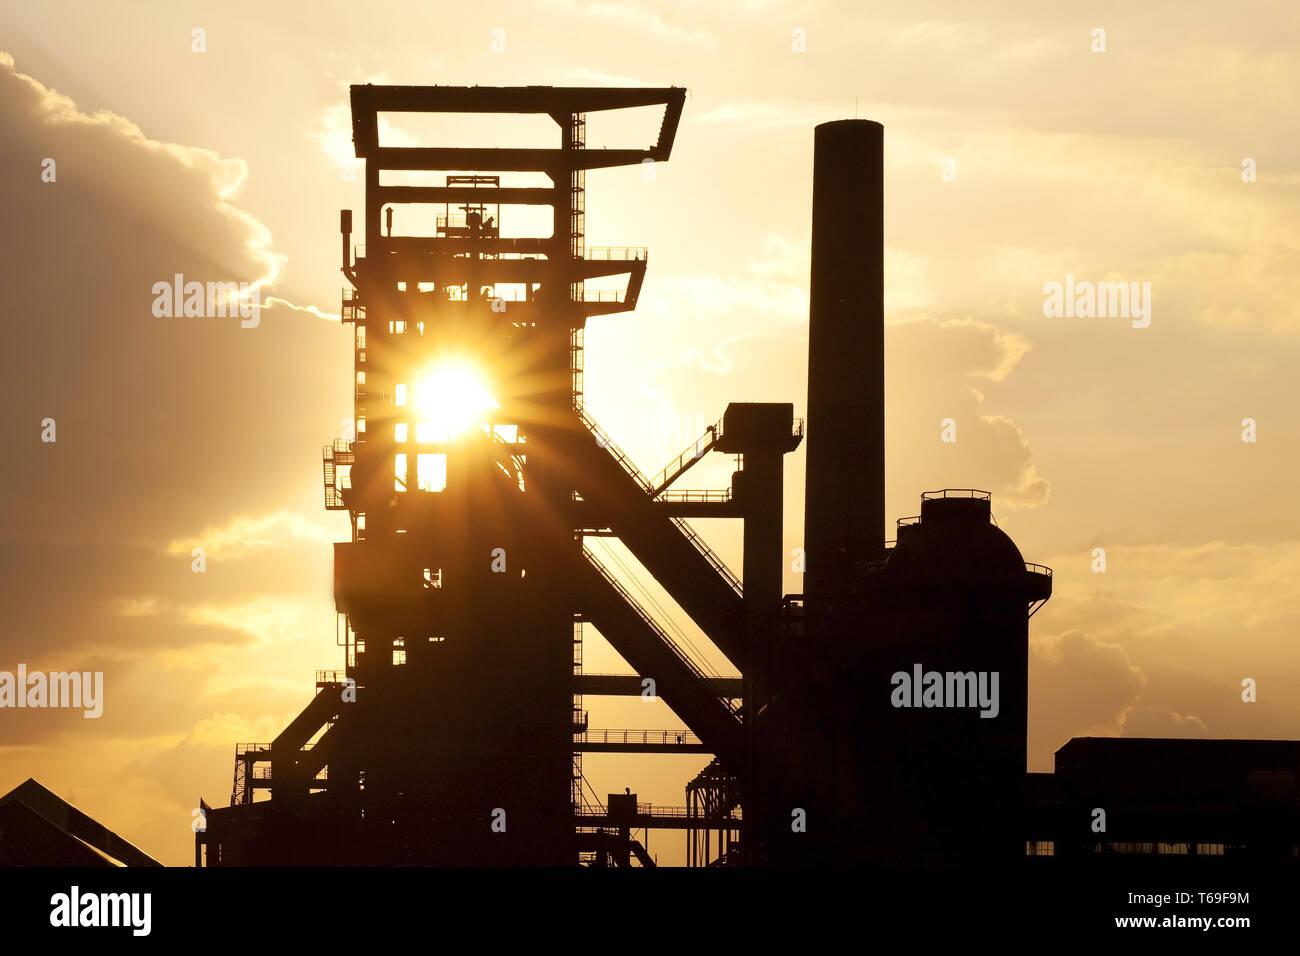 Usine industriel désaffecté Phoenix West avec haut-fourneau 5, Dortmund, Ruhr, Allemagne, Europe Banque D'Images